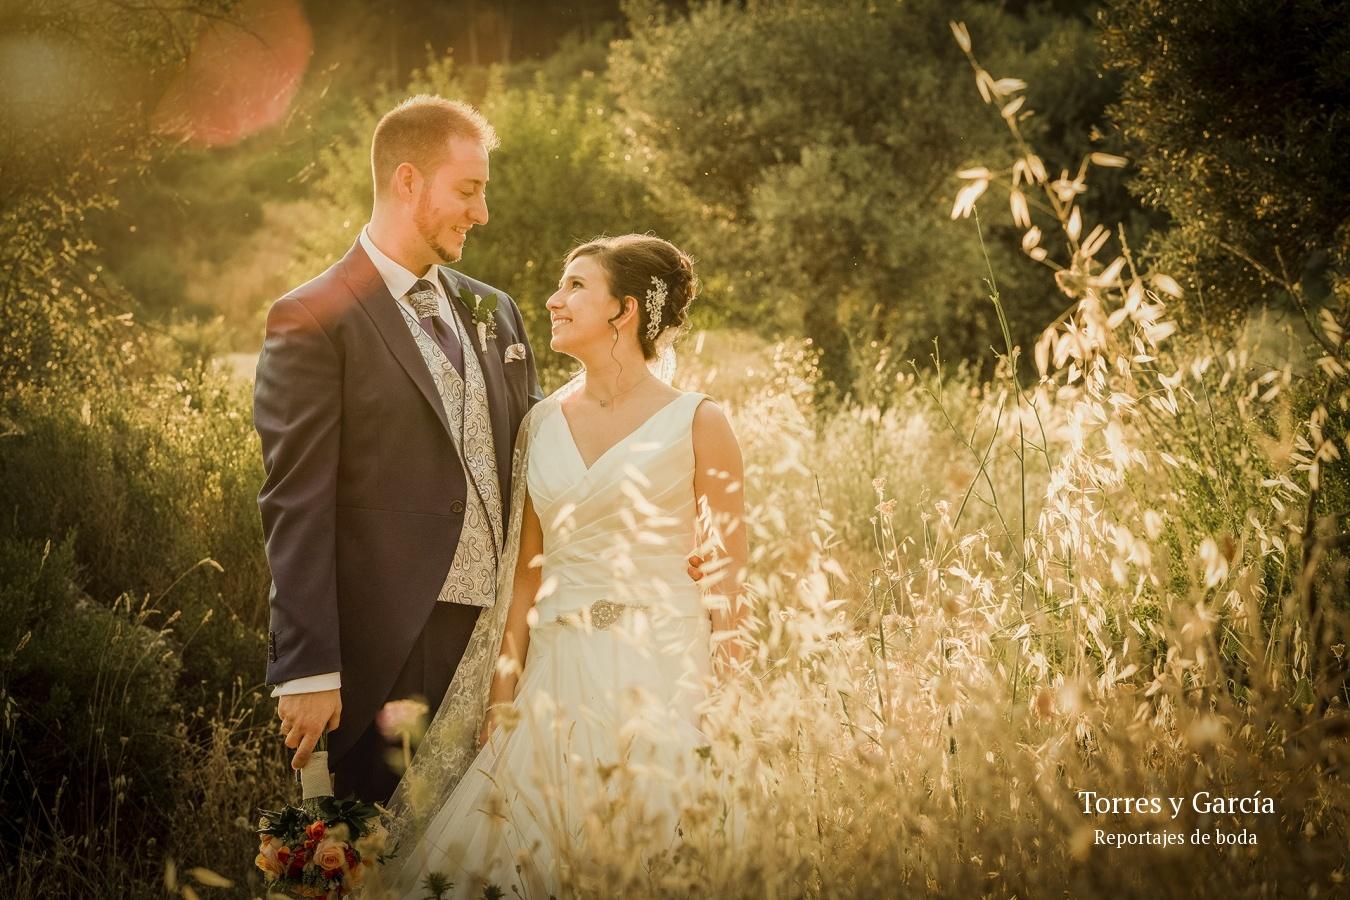 luz cálida en la puesta de sol - Fotografías - Libros y reportajes de boda diferentes.